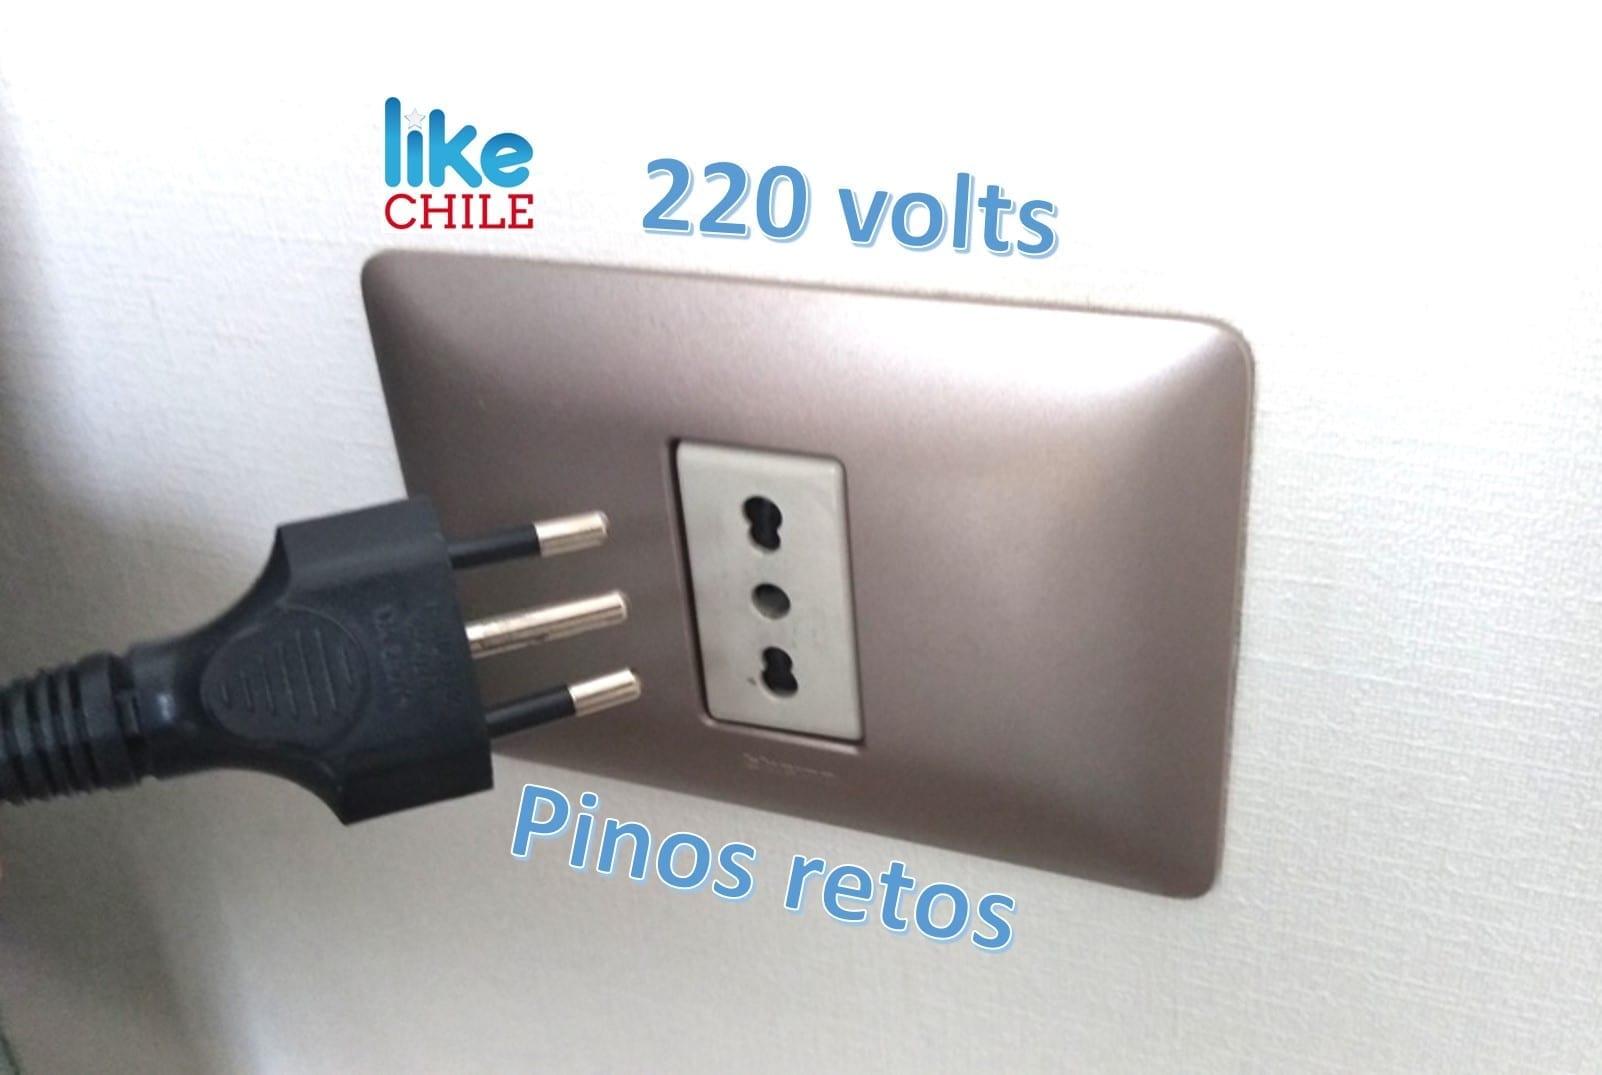 tomadas no Chile e voltagem